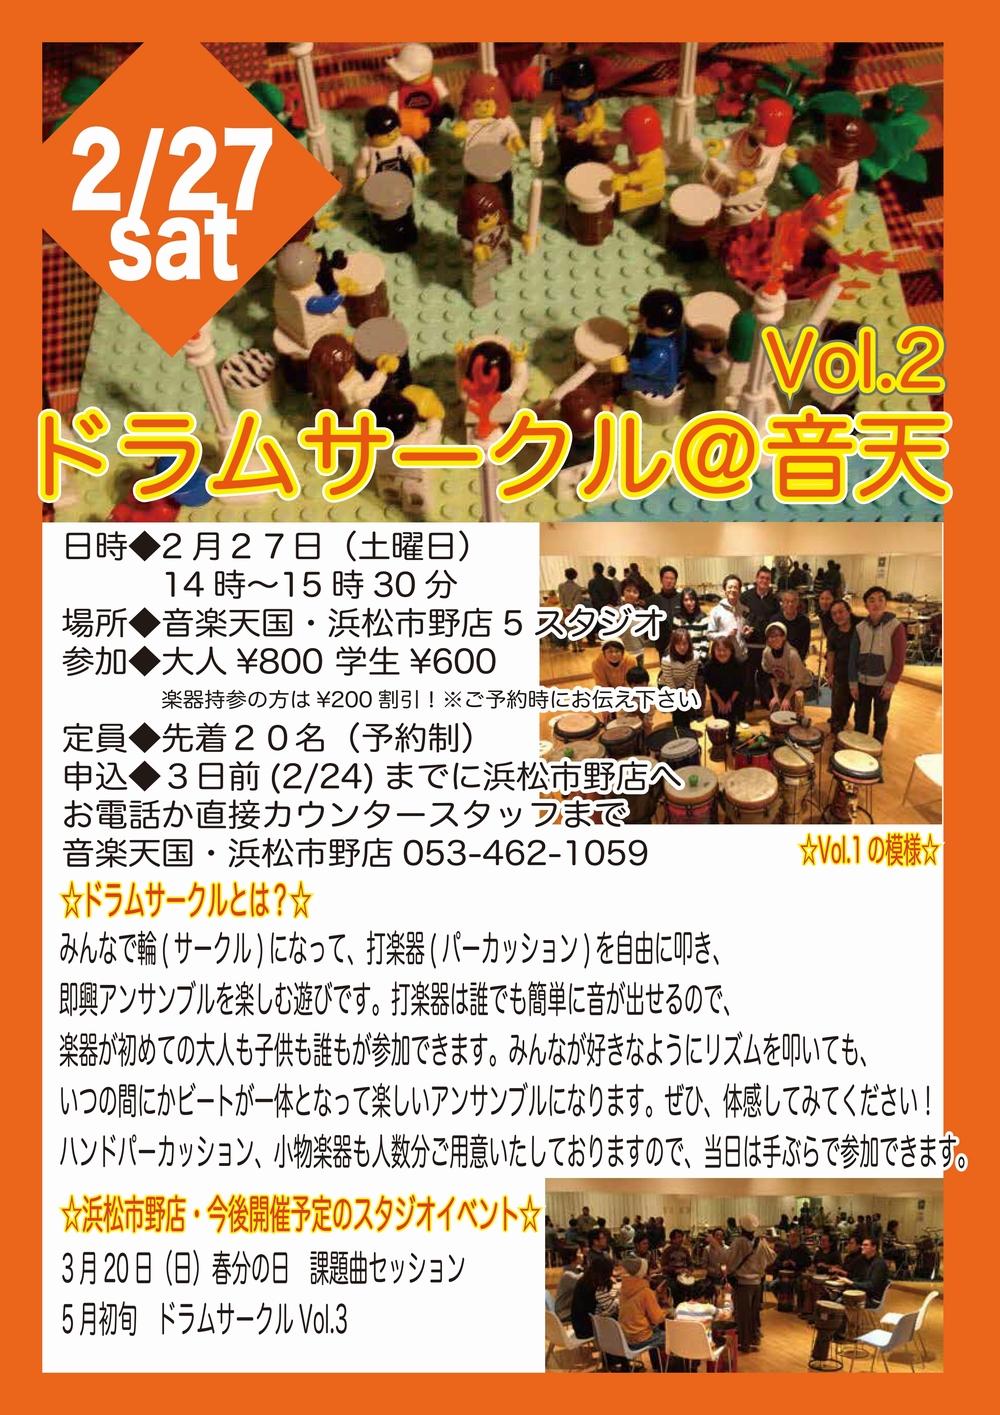 【ドラムサークルVol.2】音楽天国・浜松市野店2月27日(土)好評開催!